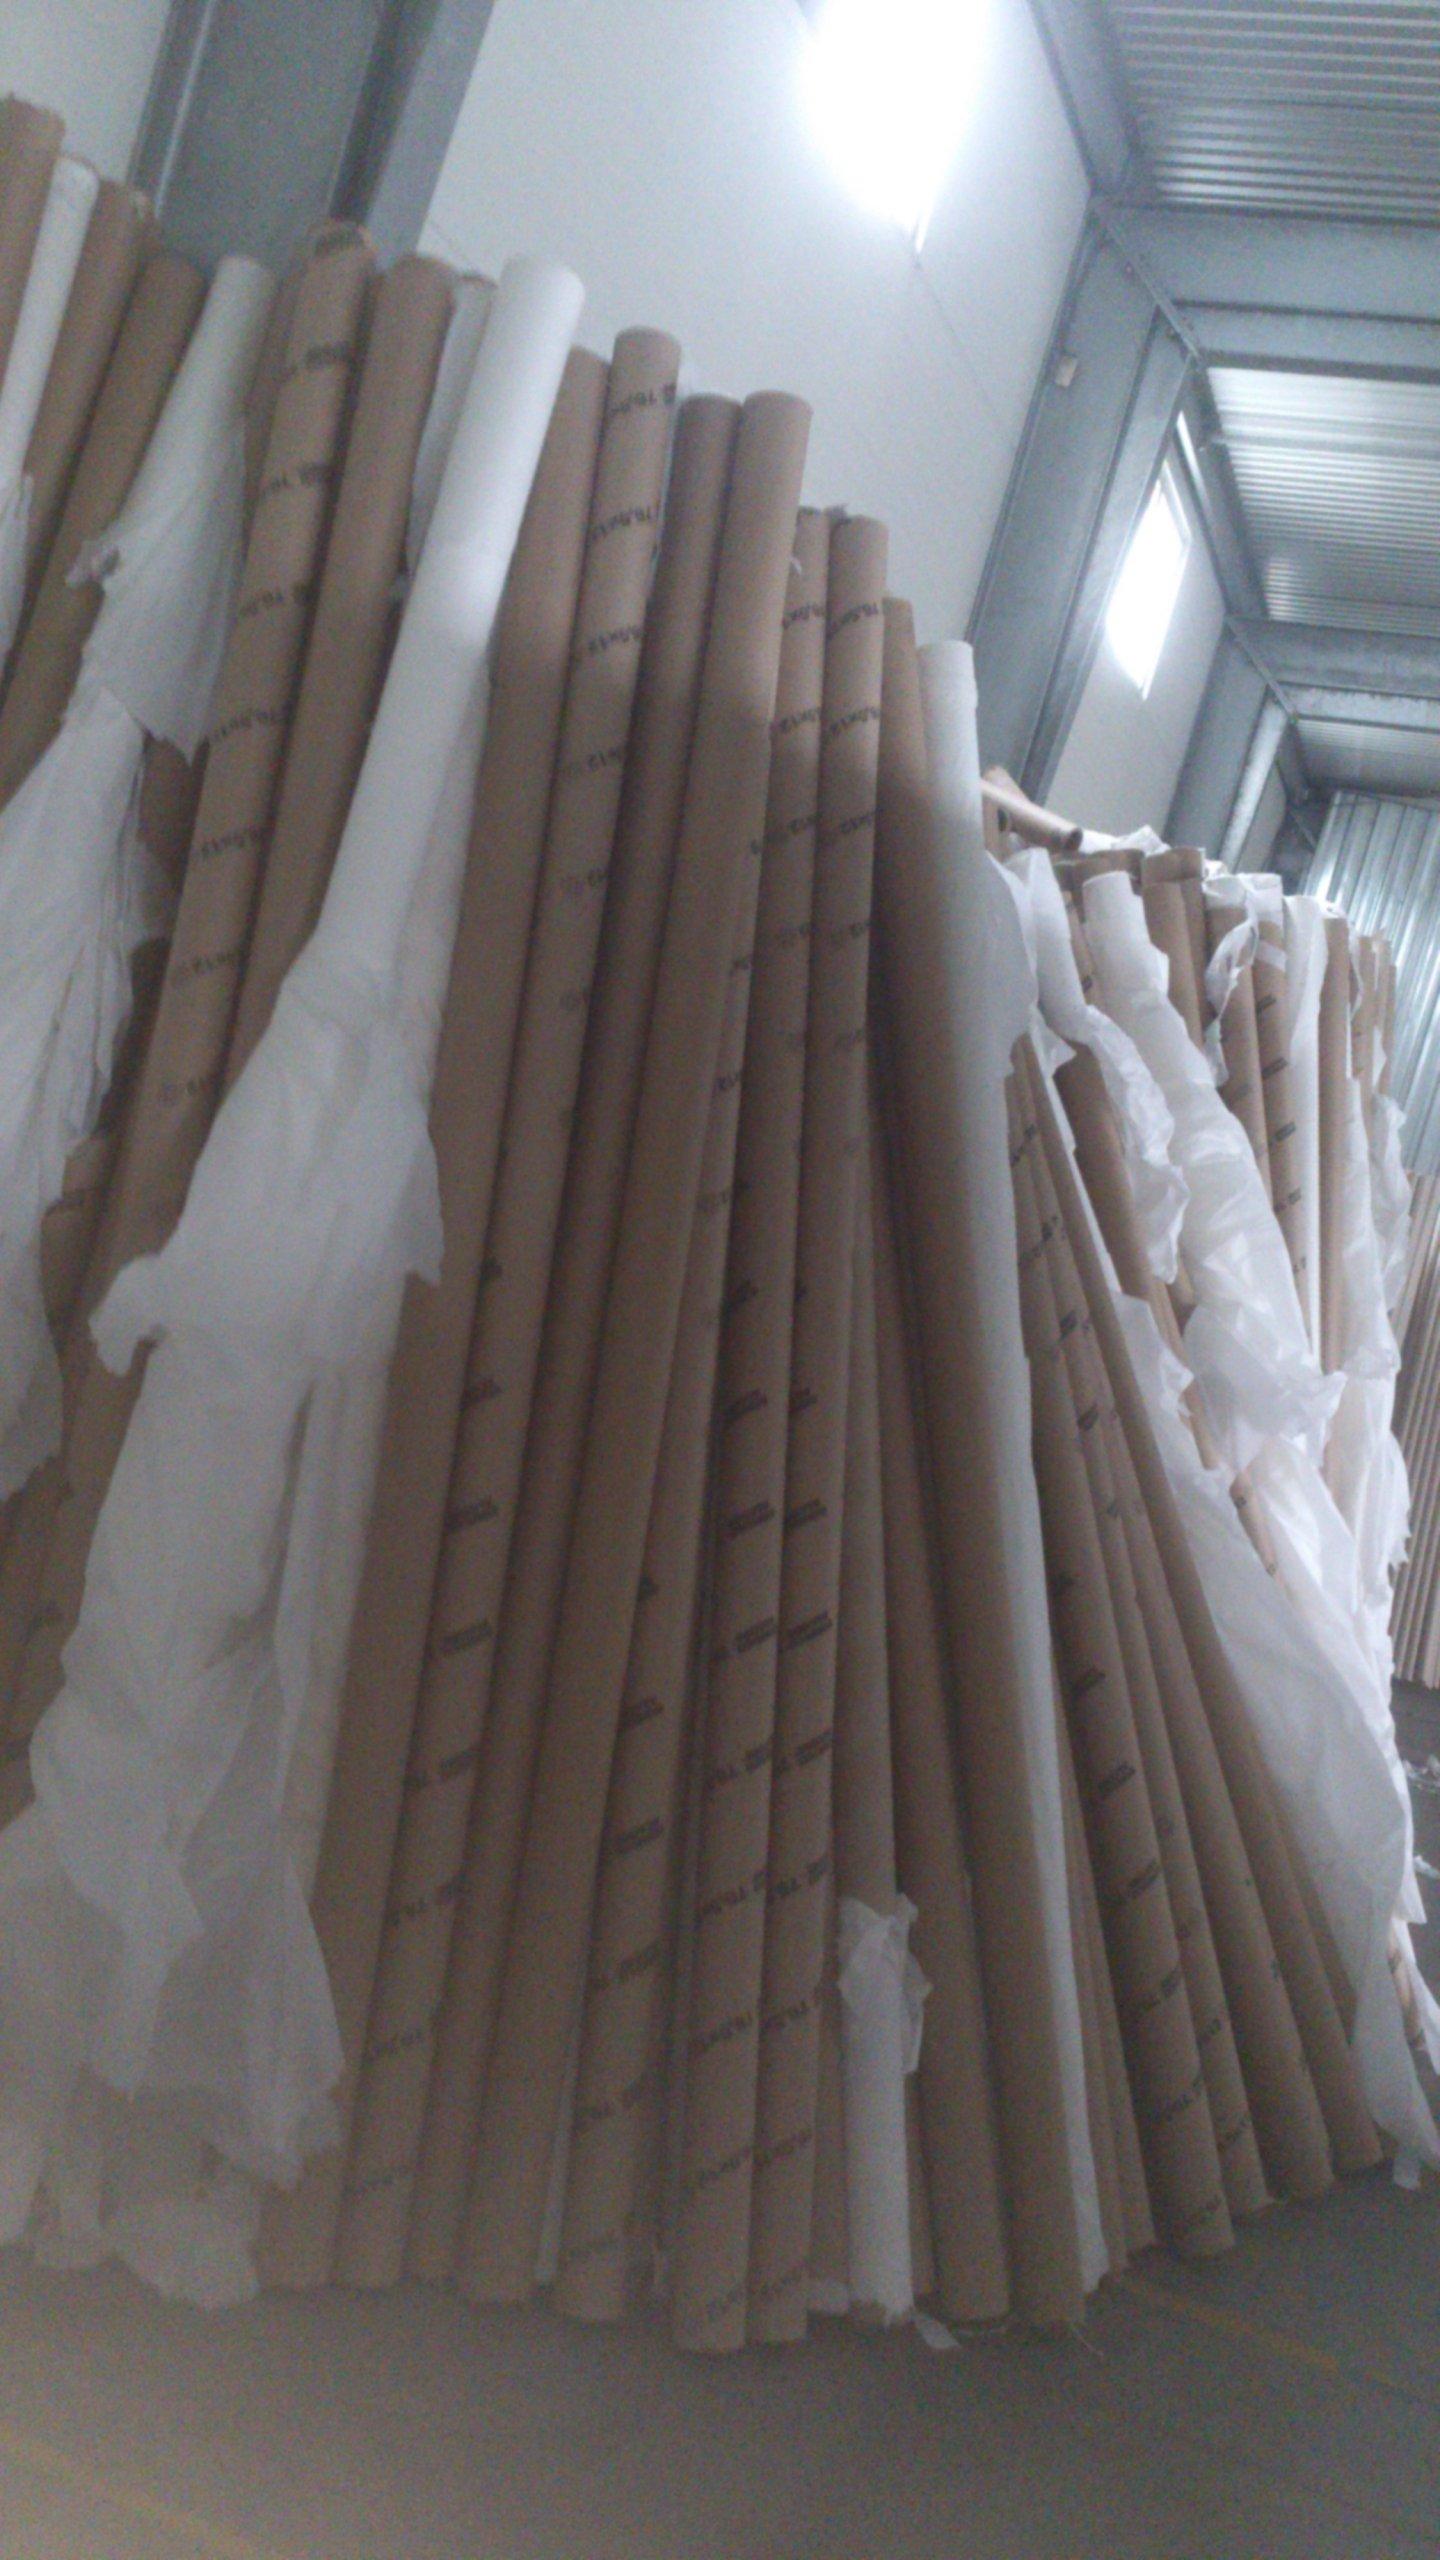 Tuleje, gilzy, bobiny papierowe po celulozie